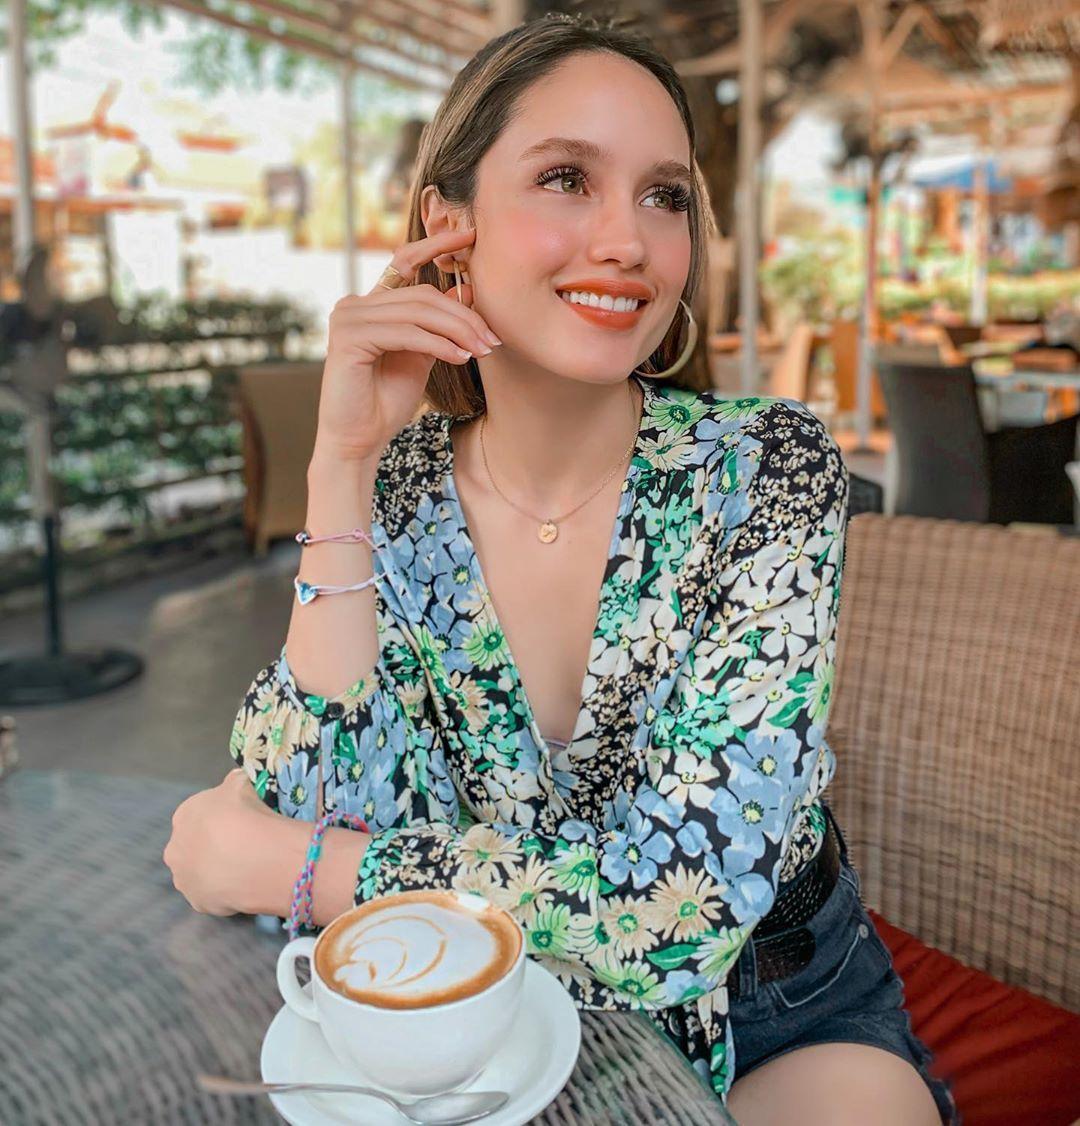 5 Fakta Seru dari Cinta Laura Kiehls Selama Karantina di Rumah